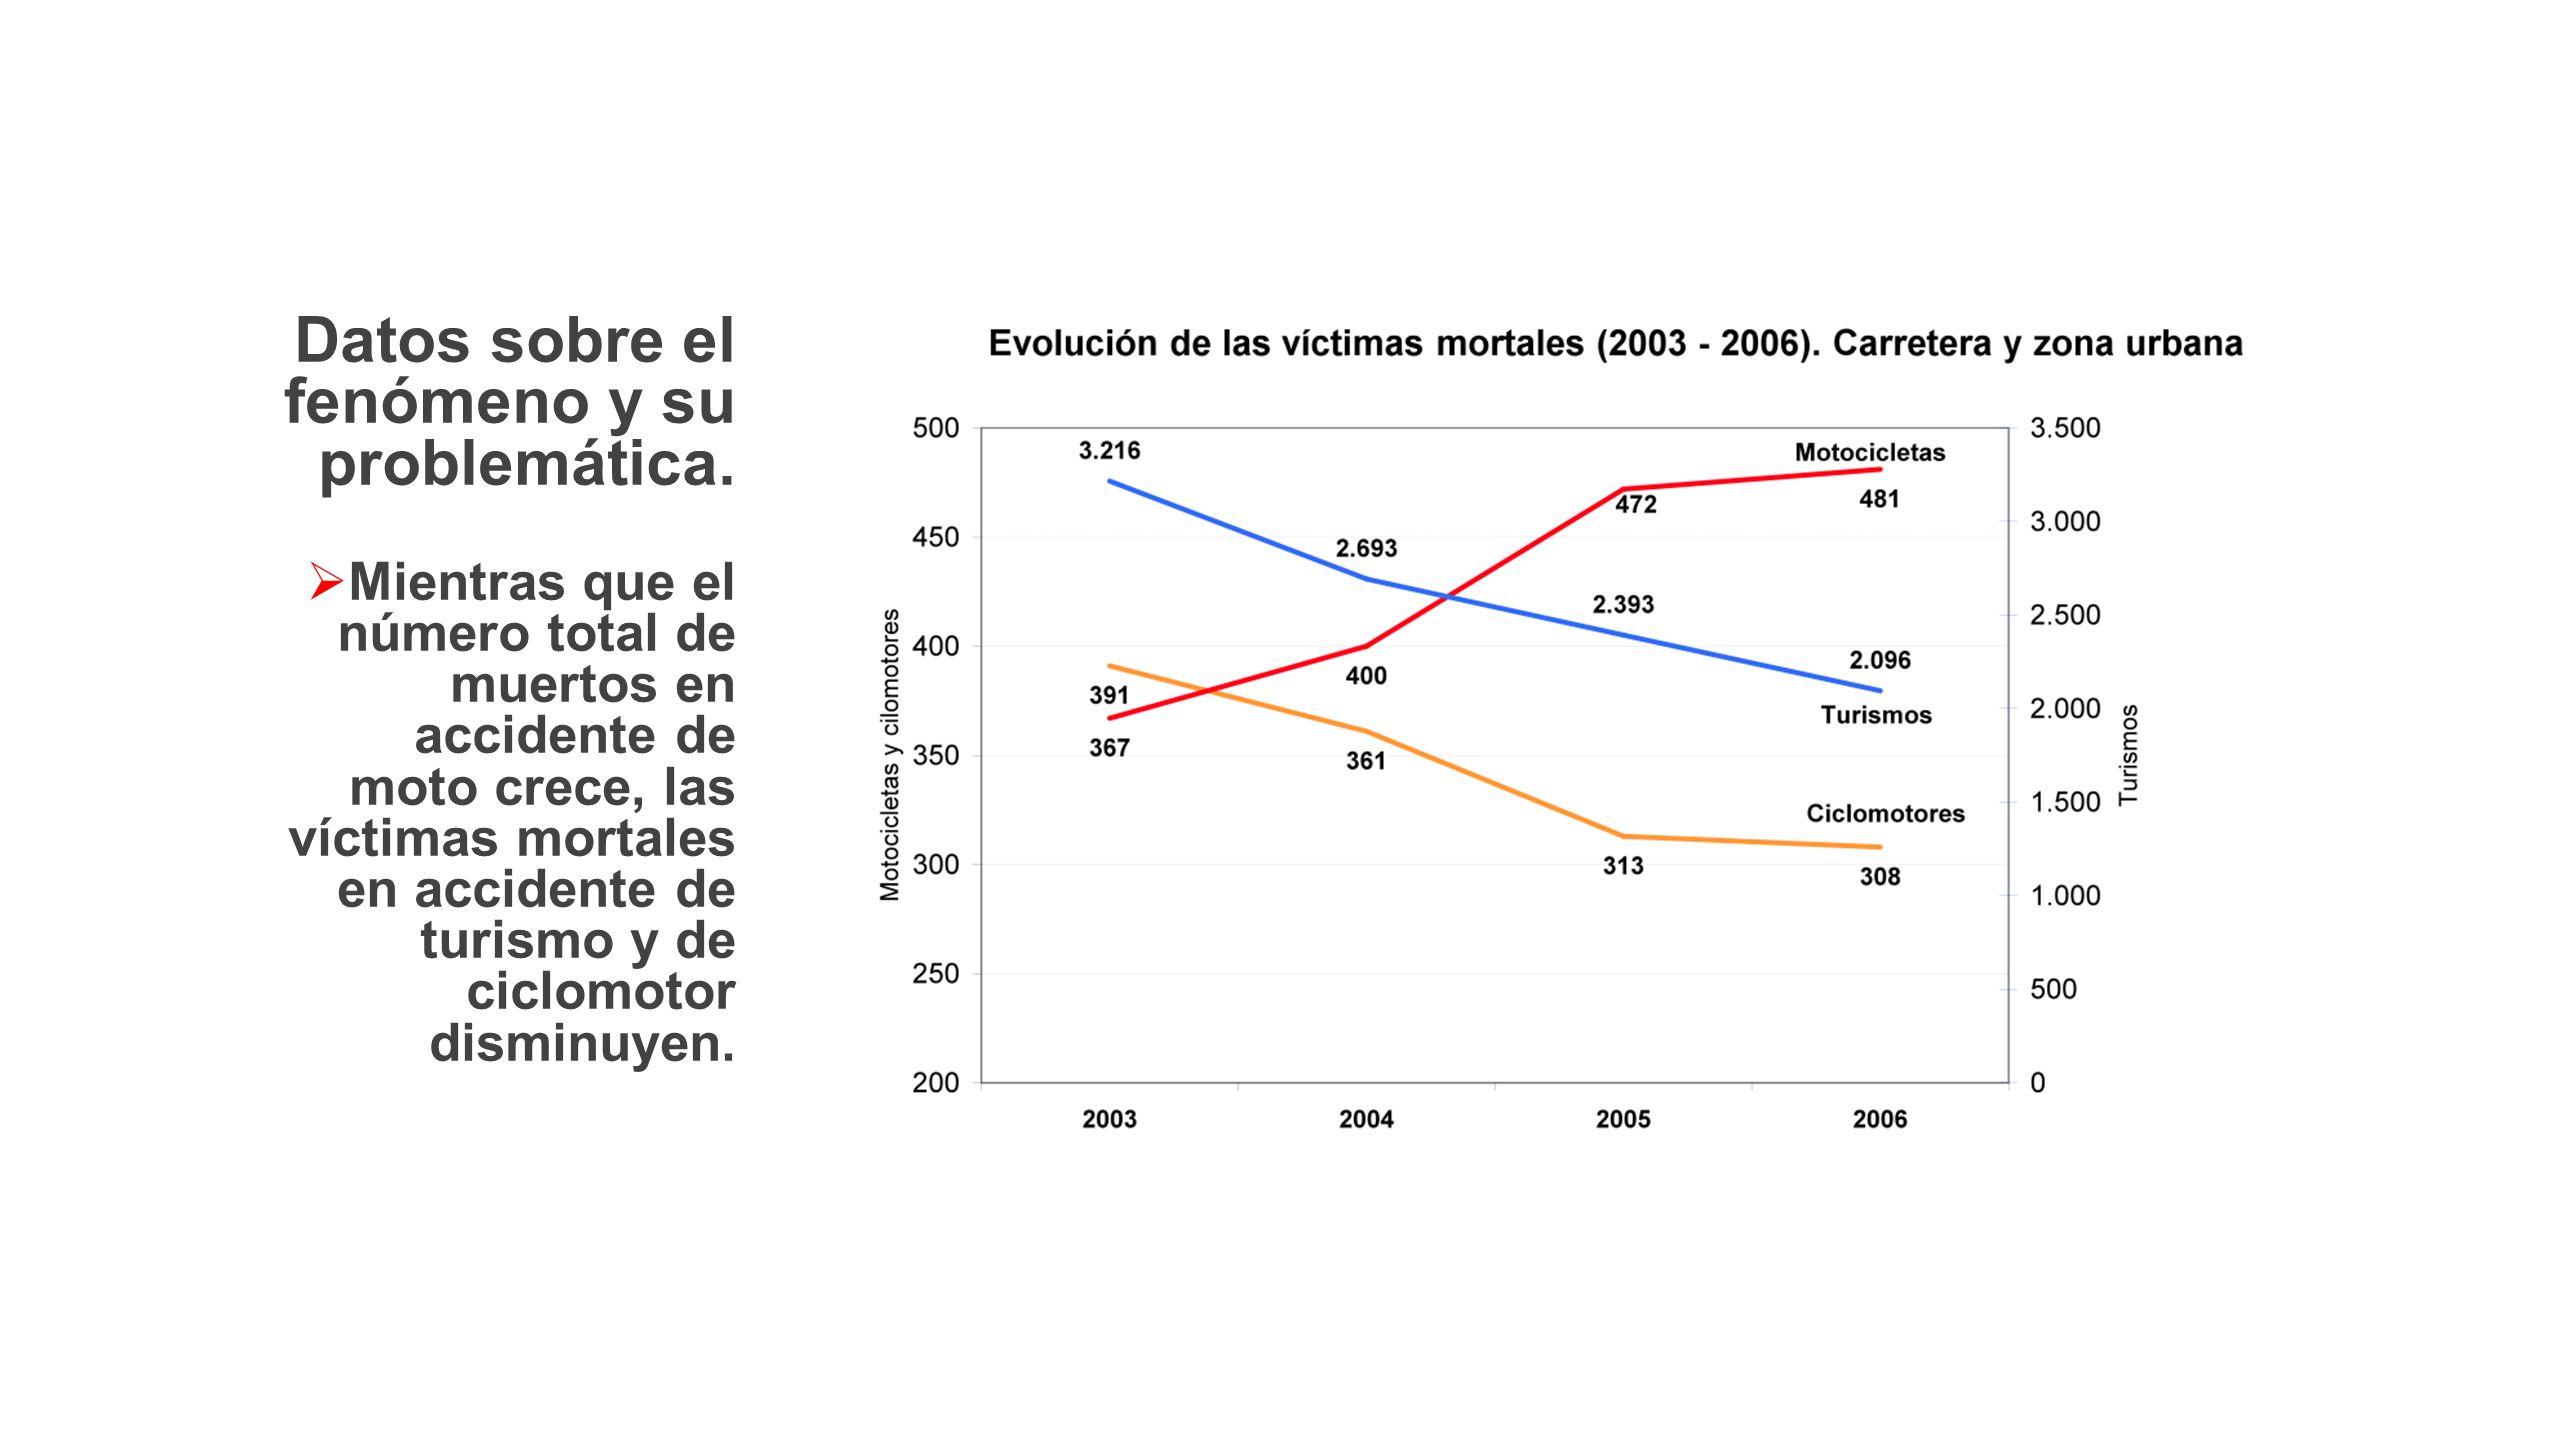 Datos sobre el fenómeno y su problemática.